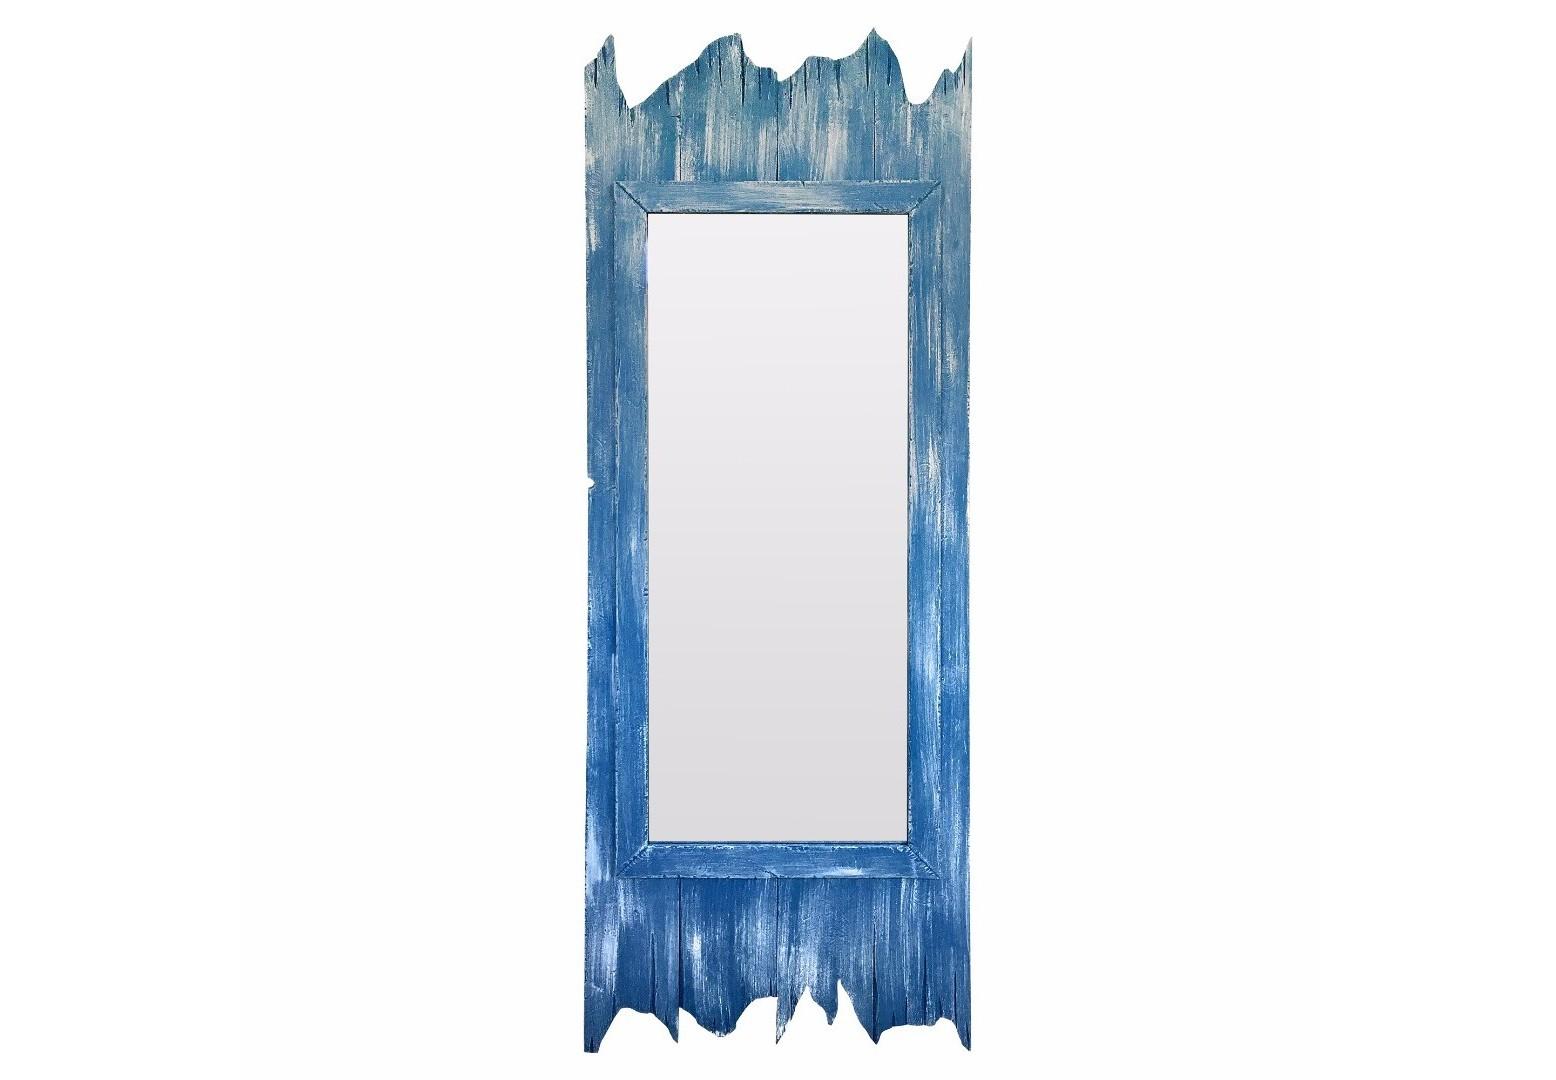 Зеркало GianniНастенные зеркала<br>Коллекции B-Home – это дизайнерские зеркала, зеркальная мебель и предметы интерьера. Все изделия от и до мы создаем сами в нашей мастерской. Каждое – это уникальное произведение, арт-объект со своей историей и мелодией. Мы следим за современными трендами, лично отбираем лучшие материалы и каждый день трудимся над созданием новых шедевров, которые будут радовать вас. Если вы ищете что-то действительно качественное, стоящее и эксклюзивное, что сделано с душой и руками человека, B-Home придется вам по вкусу!<br><br>Material: Дерево<br>Ширина см: 60.0<br>Высота см: 166.0<br>Глубина см: 4.0